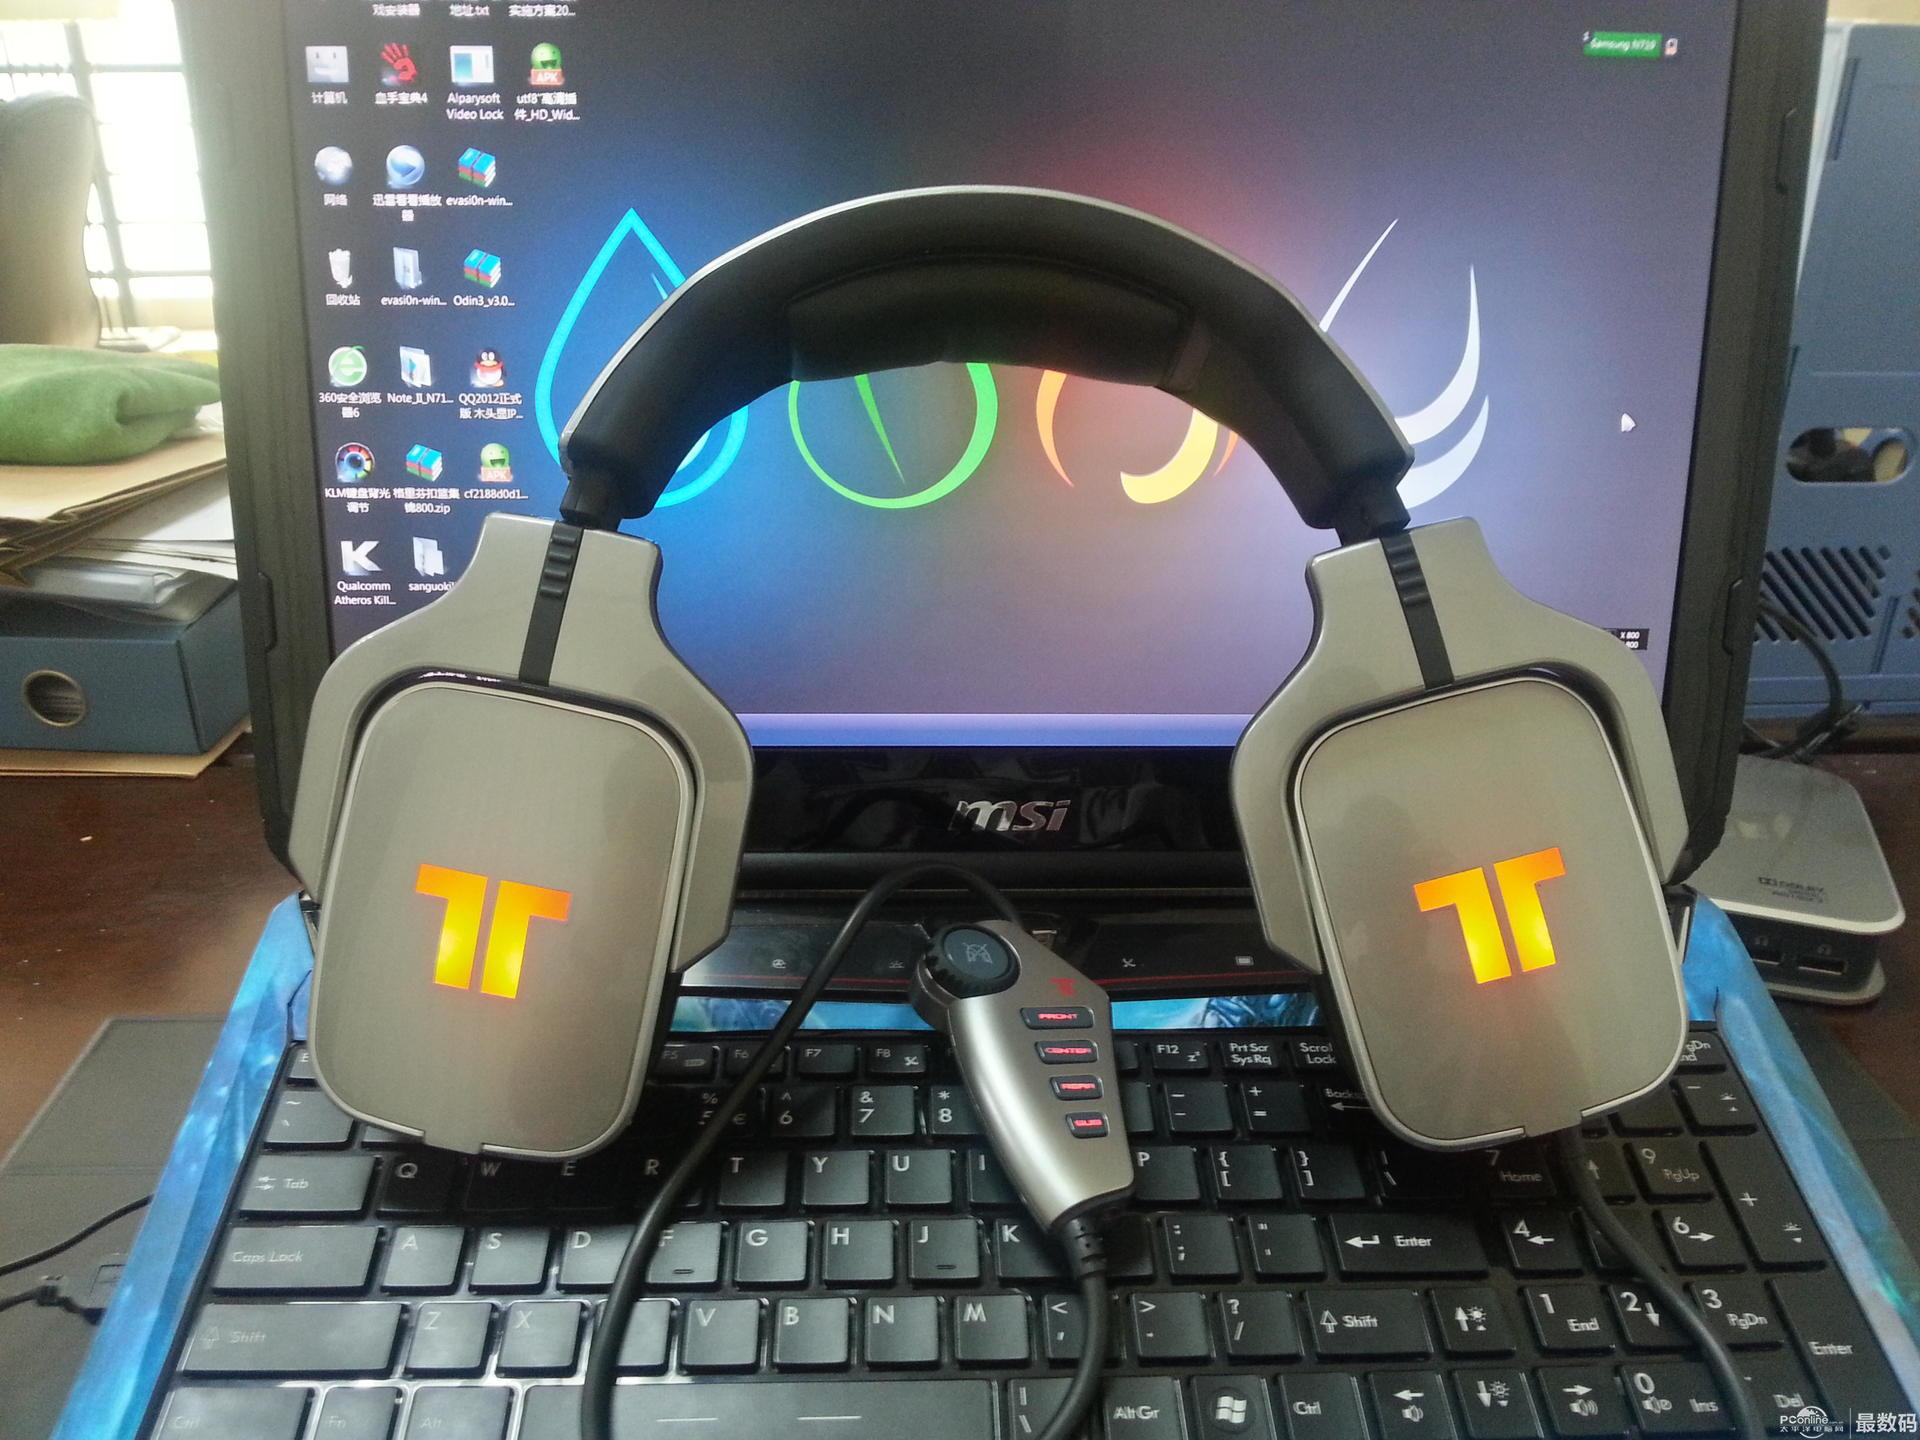 物理5.1声道耳机 光纤耳机 PS4耳机 xboxone耳机 赛钛客ax pro(非品牌)